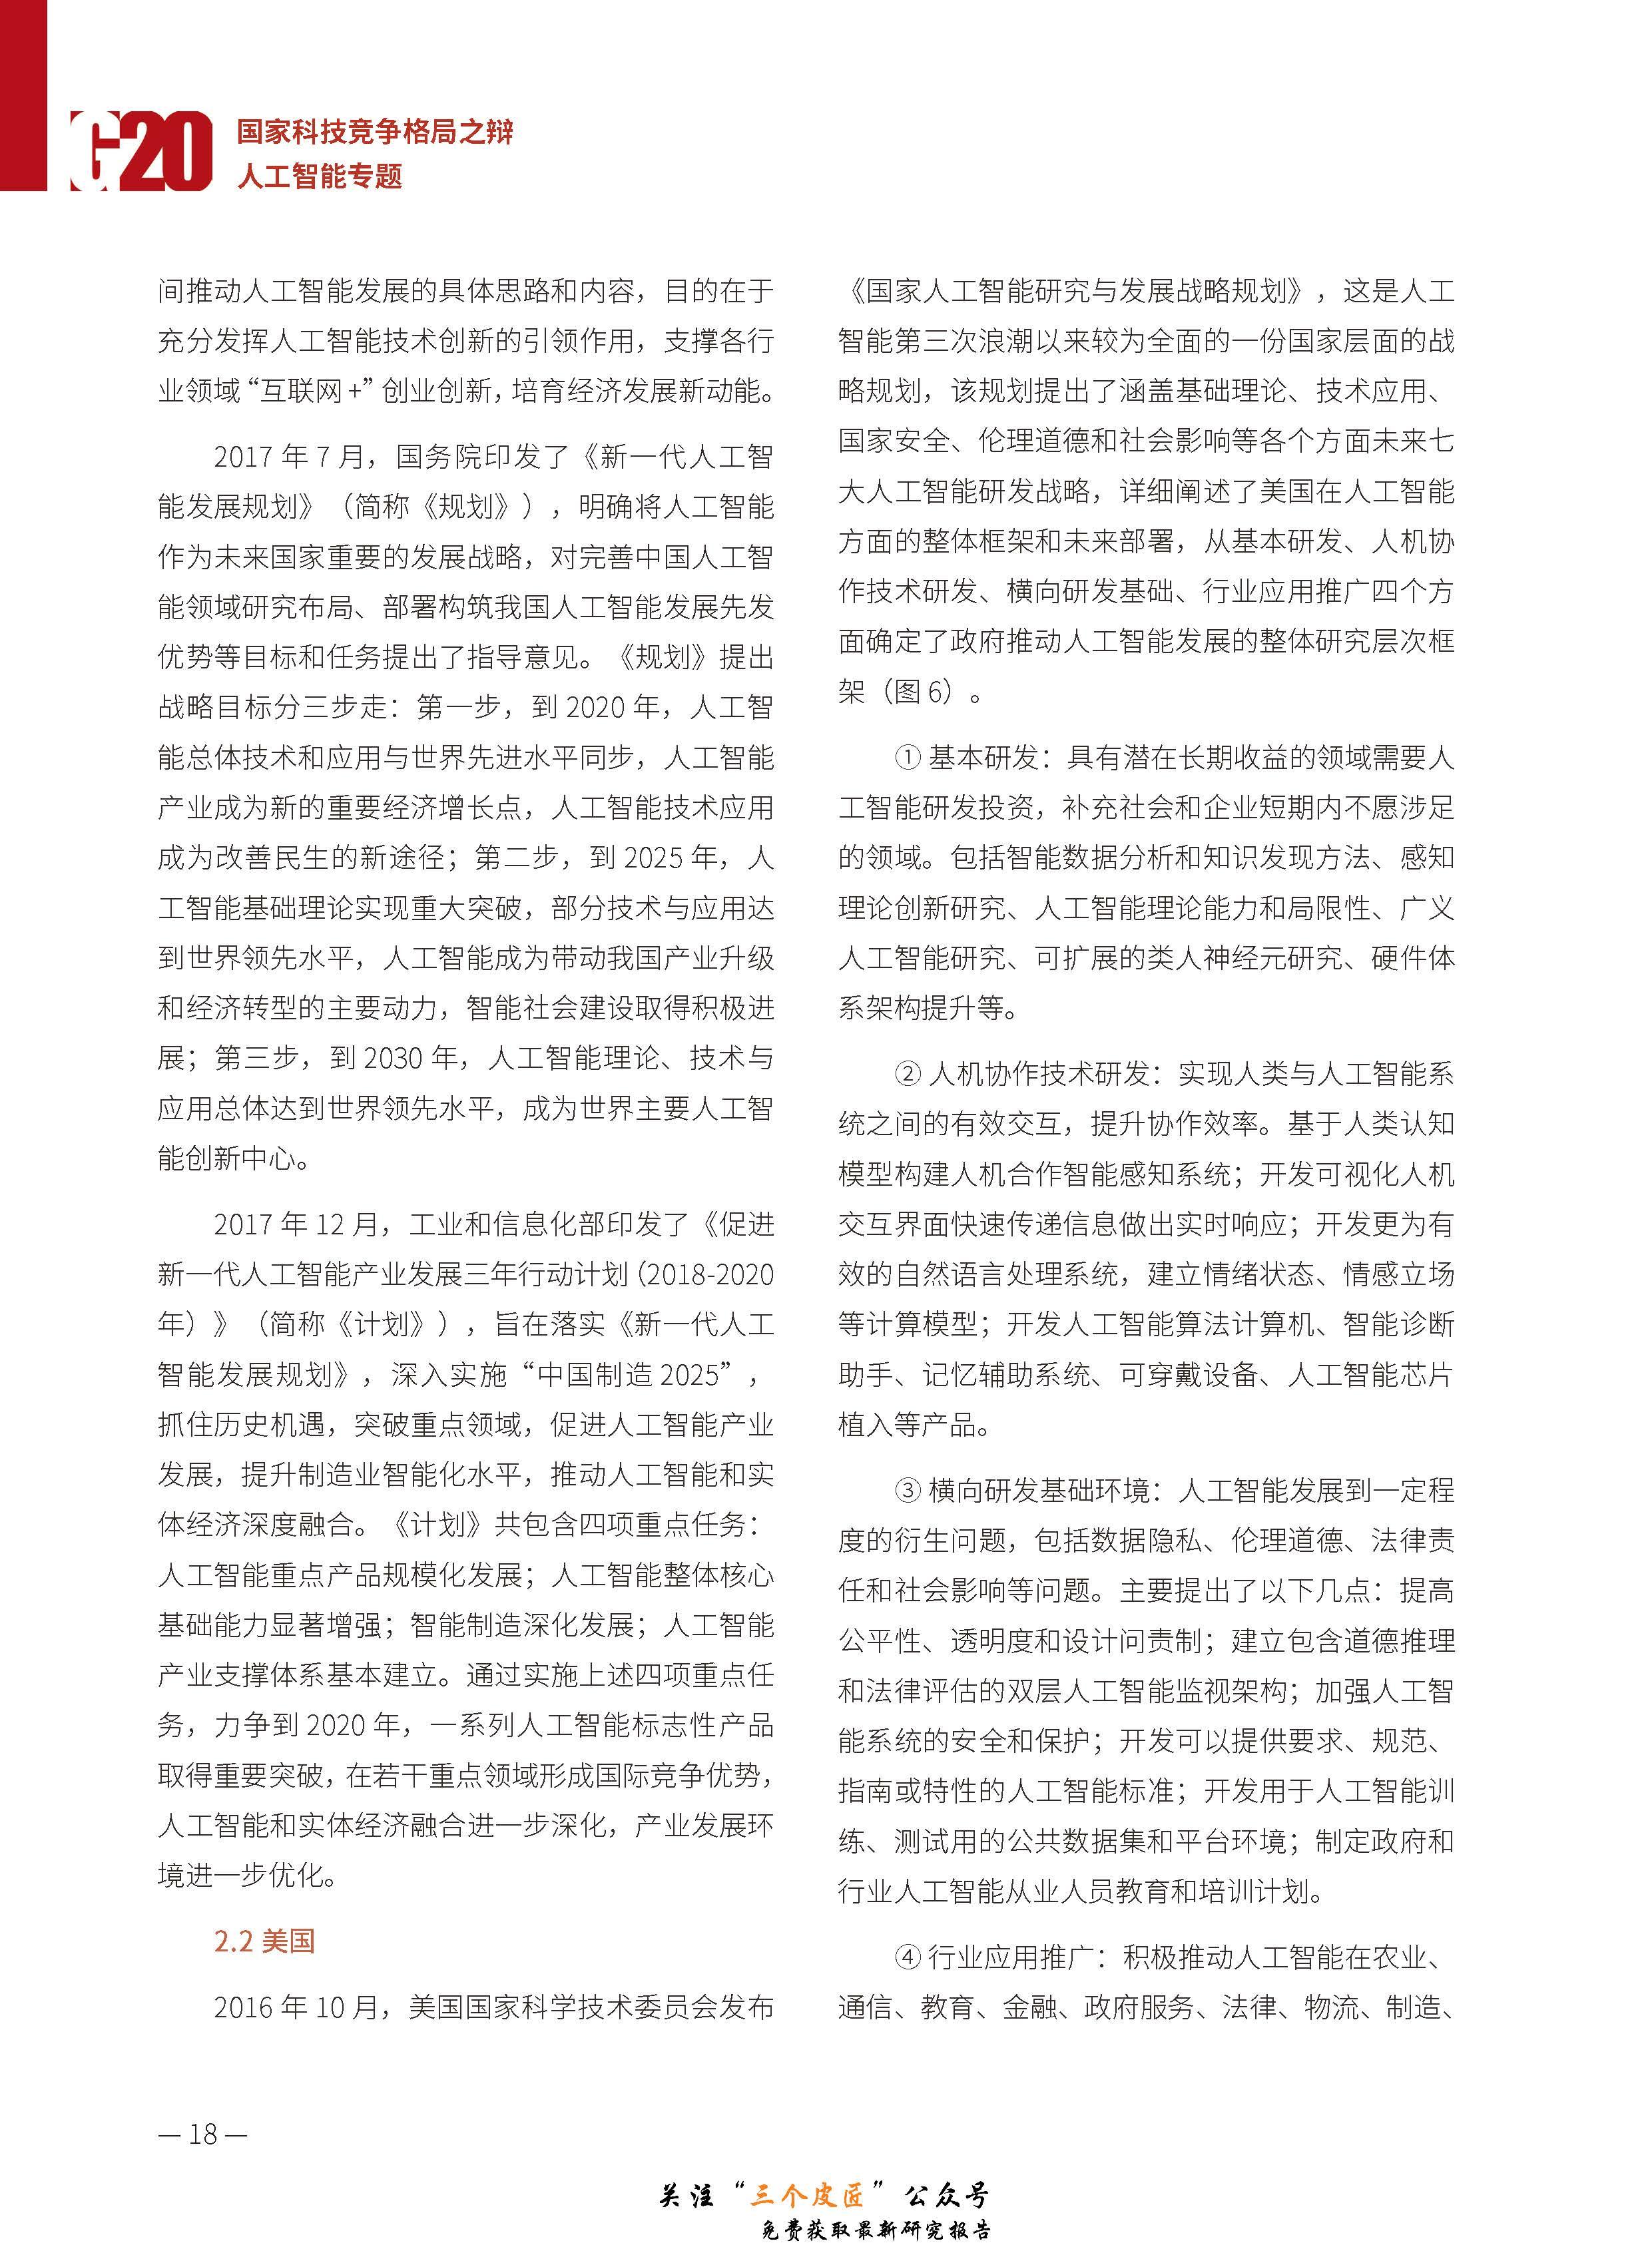 1_页面_020.jpg